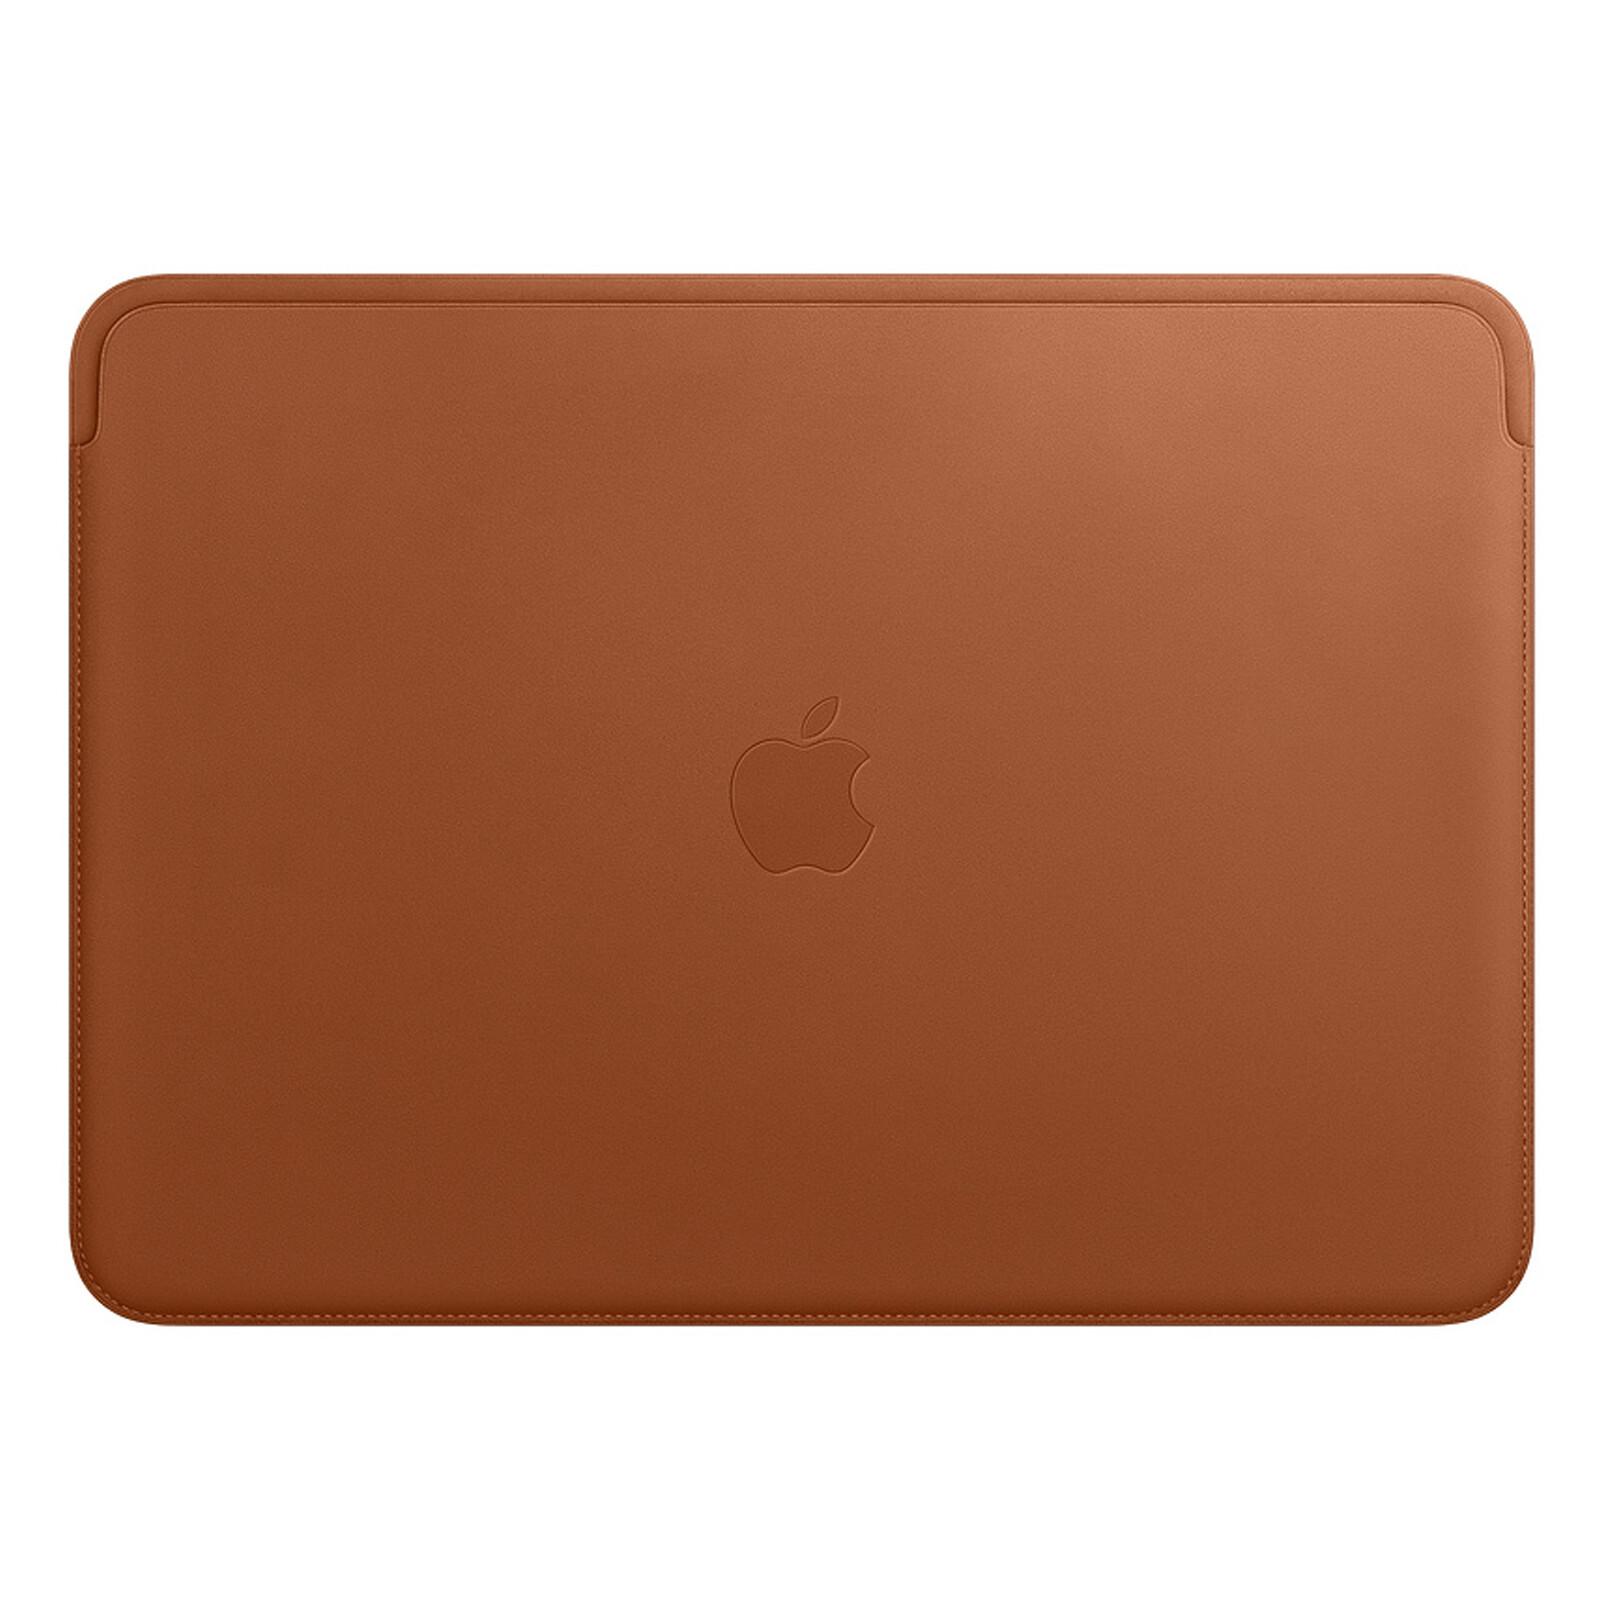 """Apple MacBook 13"""" Lederhülle Sattelbraun"""